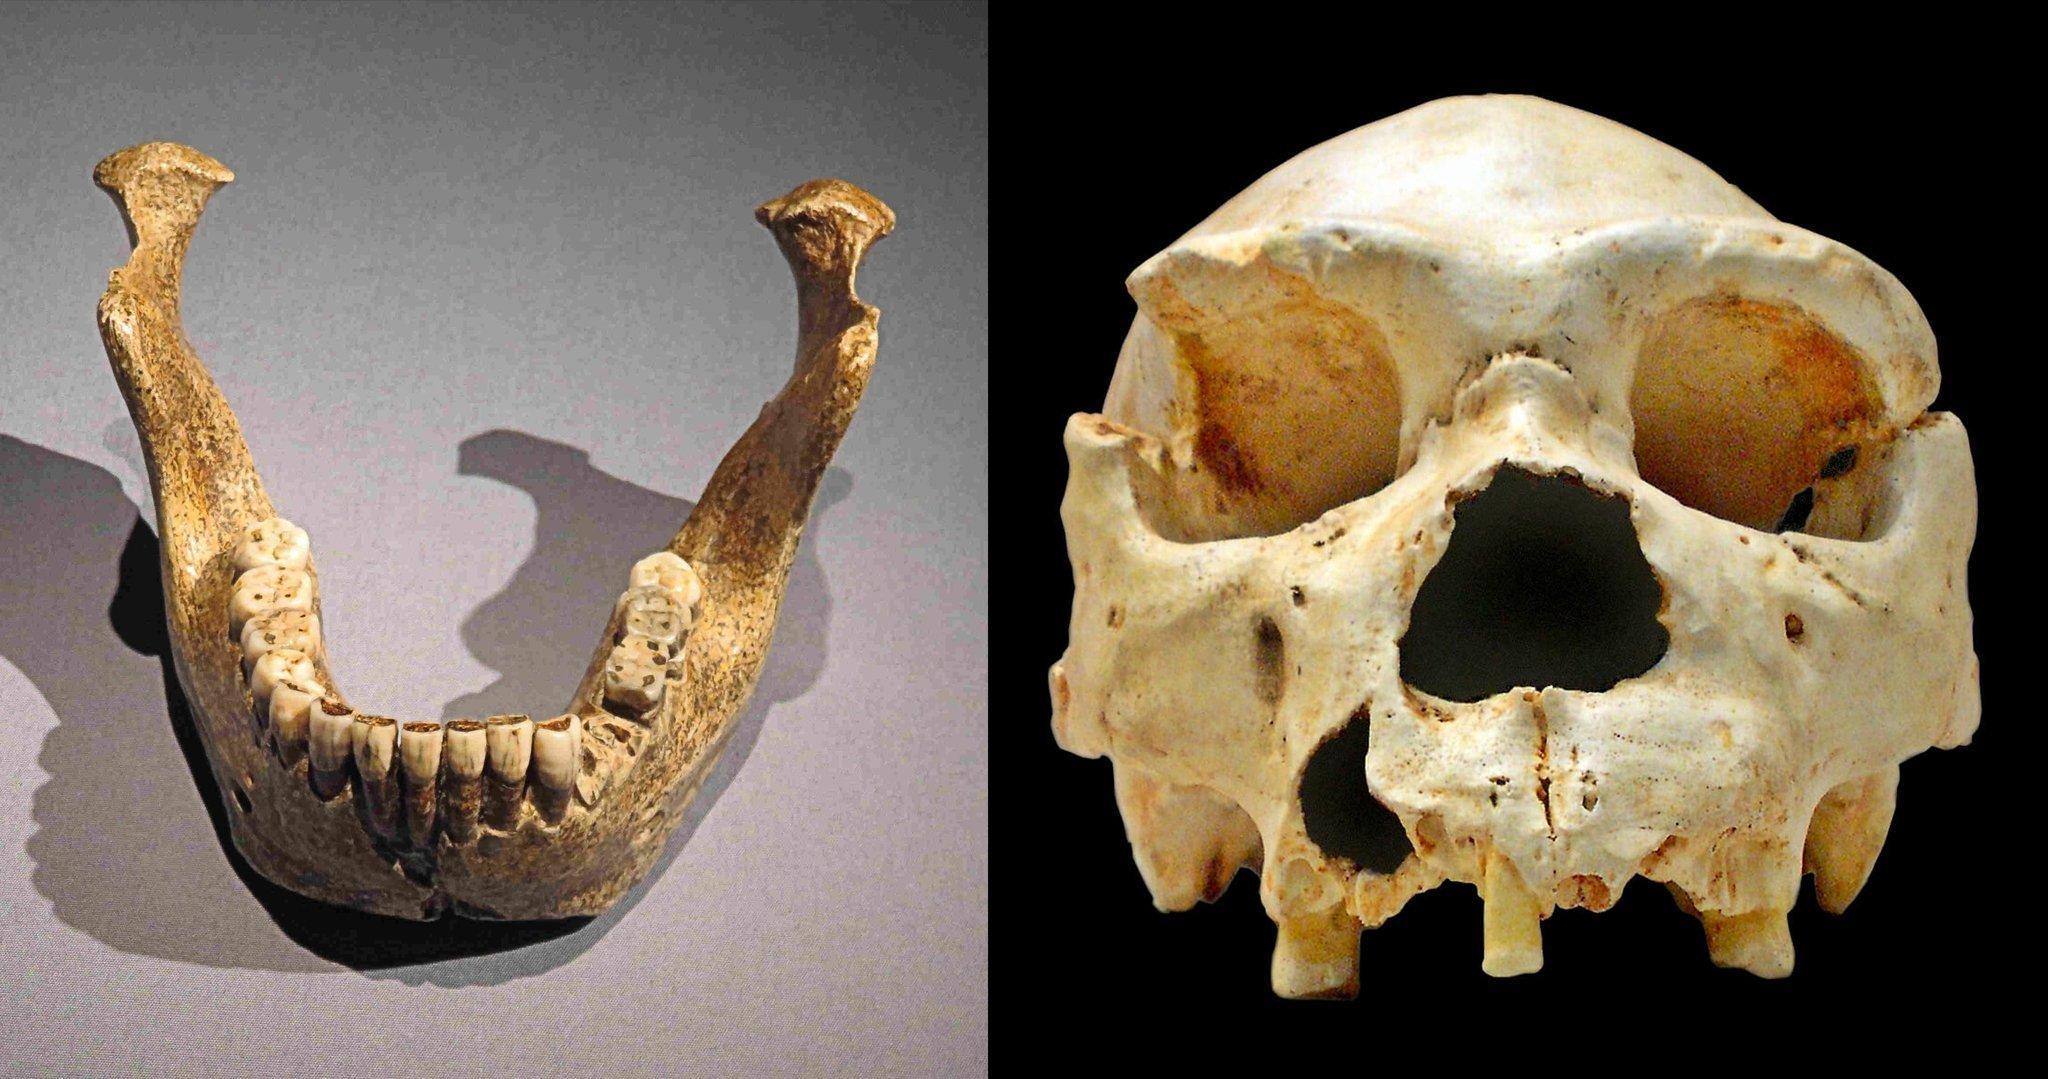 """Das linke Foto zeigt einen kinnlosen fossilen Unterkiefer. Es ist erste Fund eines Homo heidelbergensis, der 1907in Mauer bei Heidelberg entdeckt wurde. Auf der rechten Seite ist der Schädel eines Homo heidelbergensis zu sehen, der in Spanien in der """"Sima de los Huesos"""" gefunden wurde und rund 450.000Jahre alt ist. Auffällig sind seine mächtigen Überaugenwülste. Homo heidelbergensis gilt als Vorfahr sowohl des Neandertalers als auch des modernen Homo sapiens. Er besaß wohl schon Sprache, die Fähigkeit gemeinsam zu jagen und in die Zukunft zu planen."""